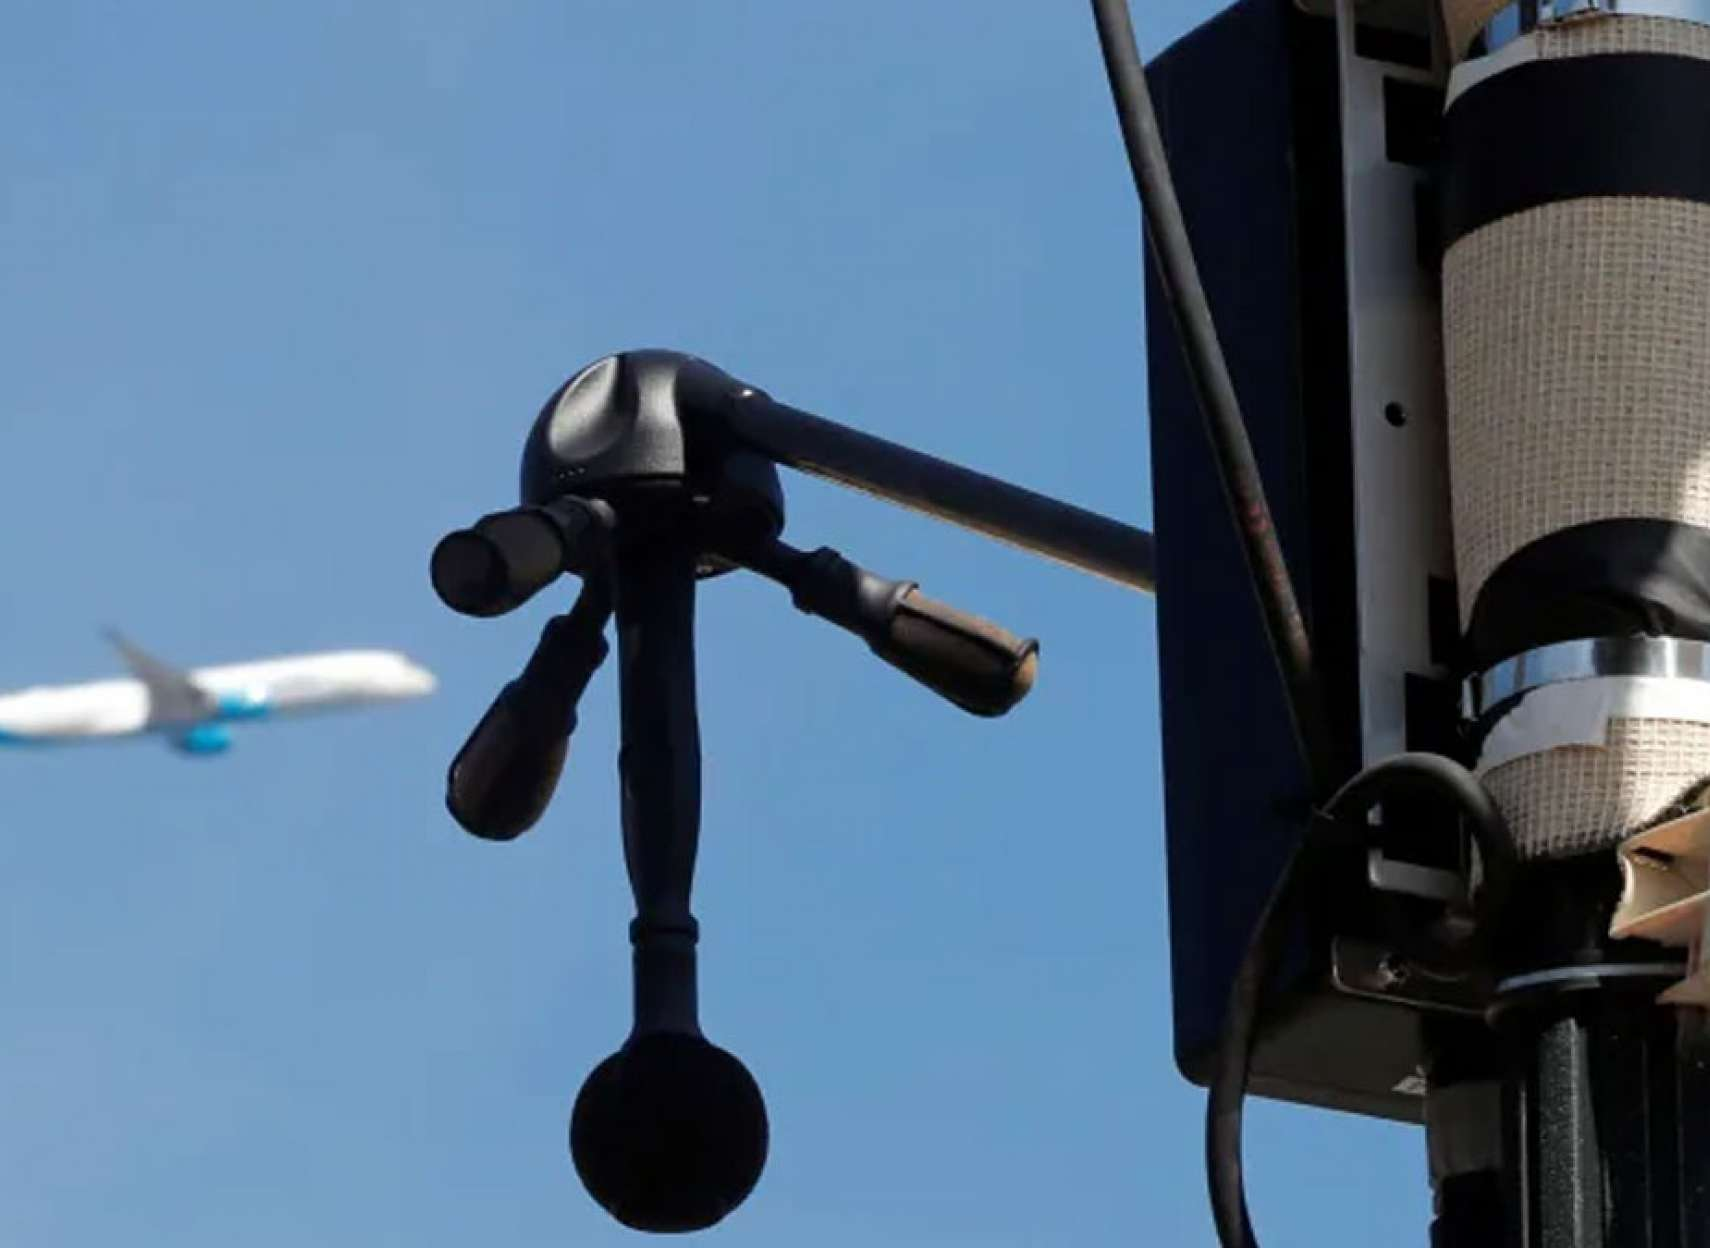 خبر-تورنتو-از-صدای-خودروها-در-شب-به-تنگ-آمد-رادار-رهگیری-نصب-می-کند